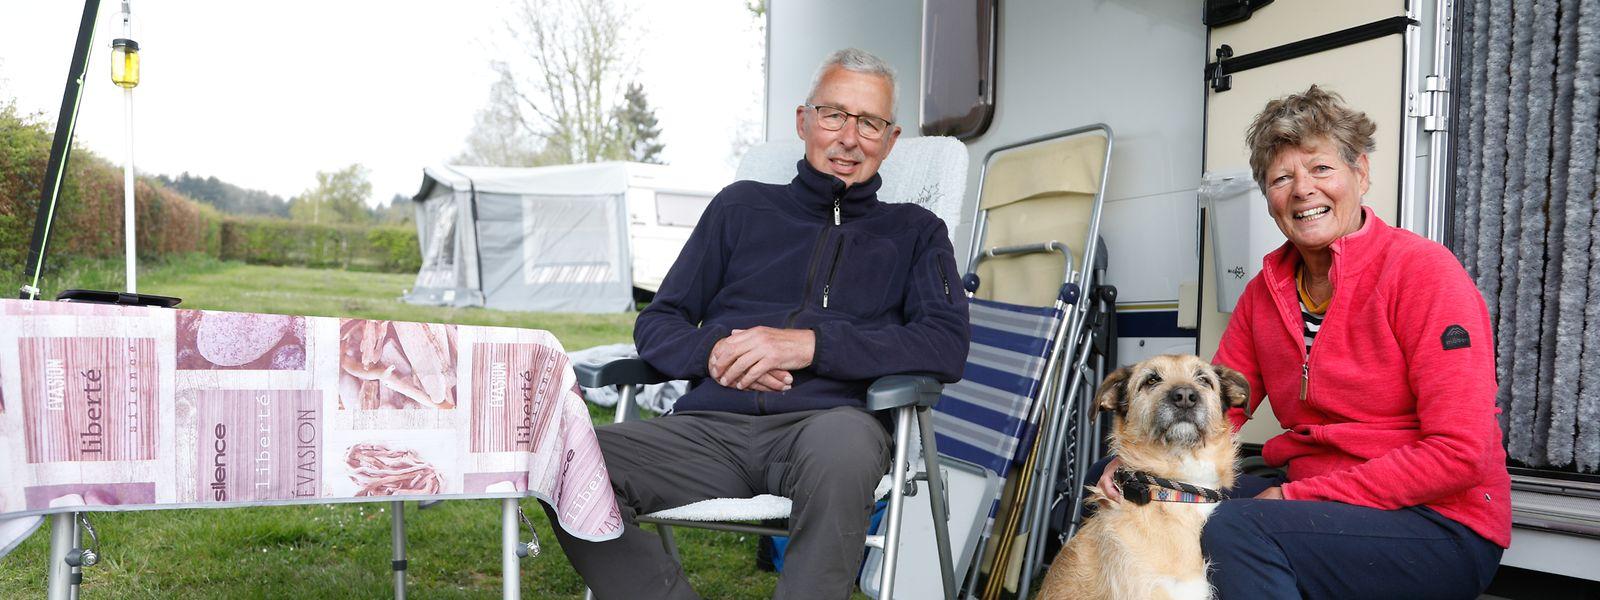 Annemick und Bert fühlen sich auf dem Campingplatz nicht nur wohl, sondern trotz Pandemie auch sicher.